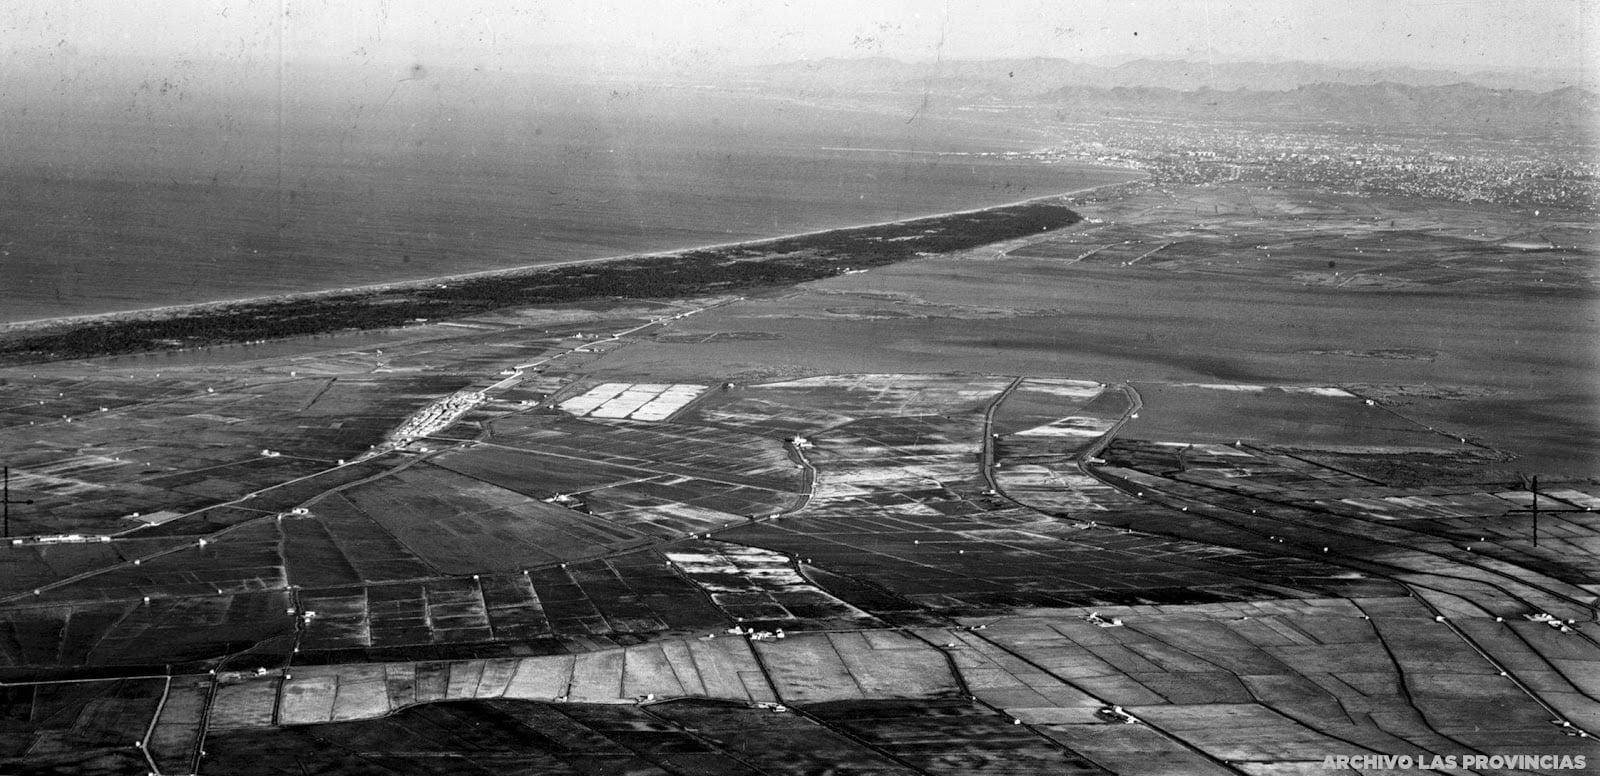 foto aerea de la albufera de valencia